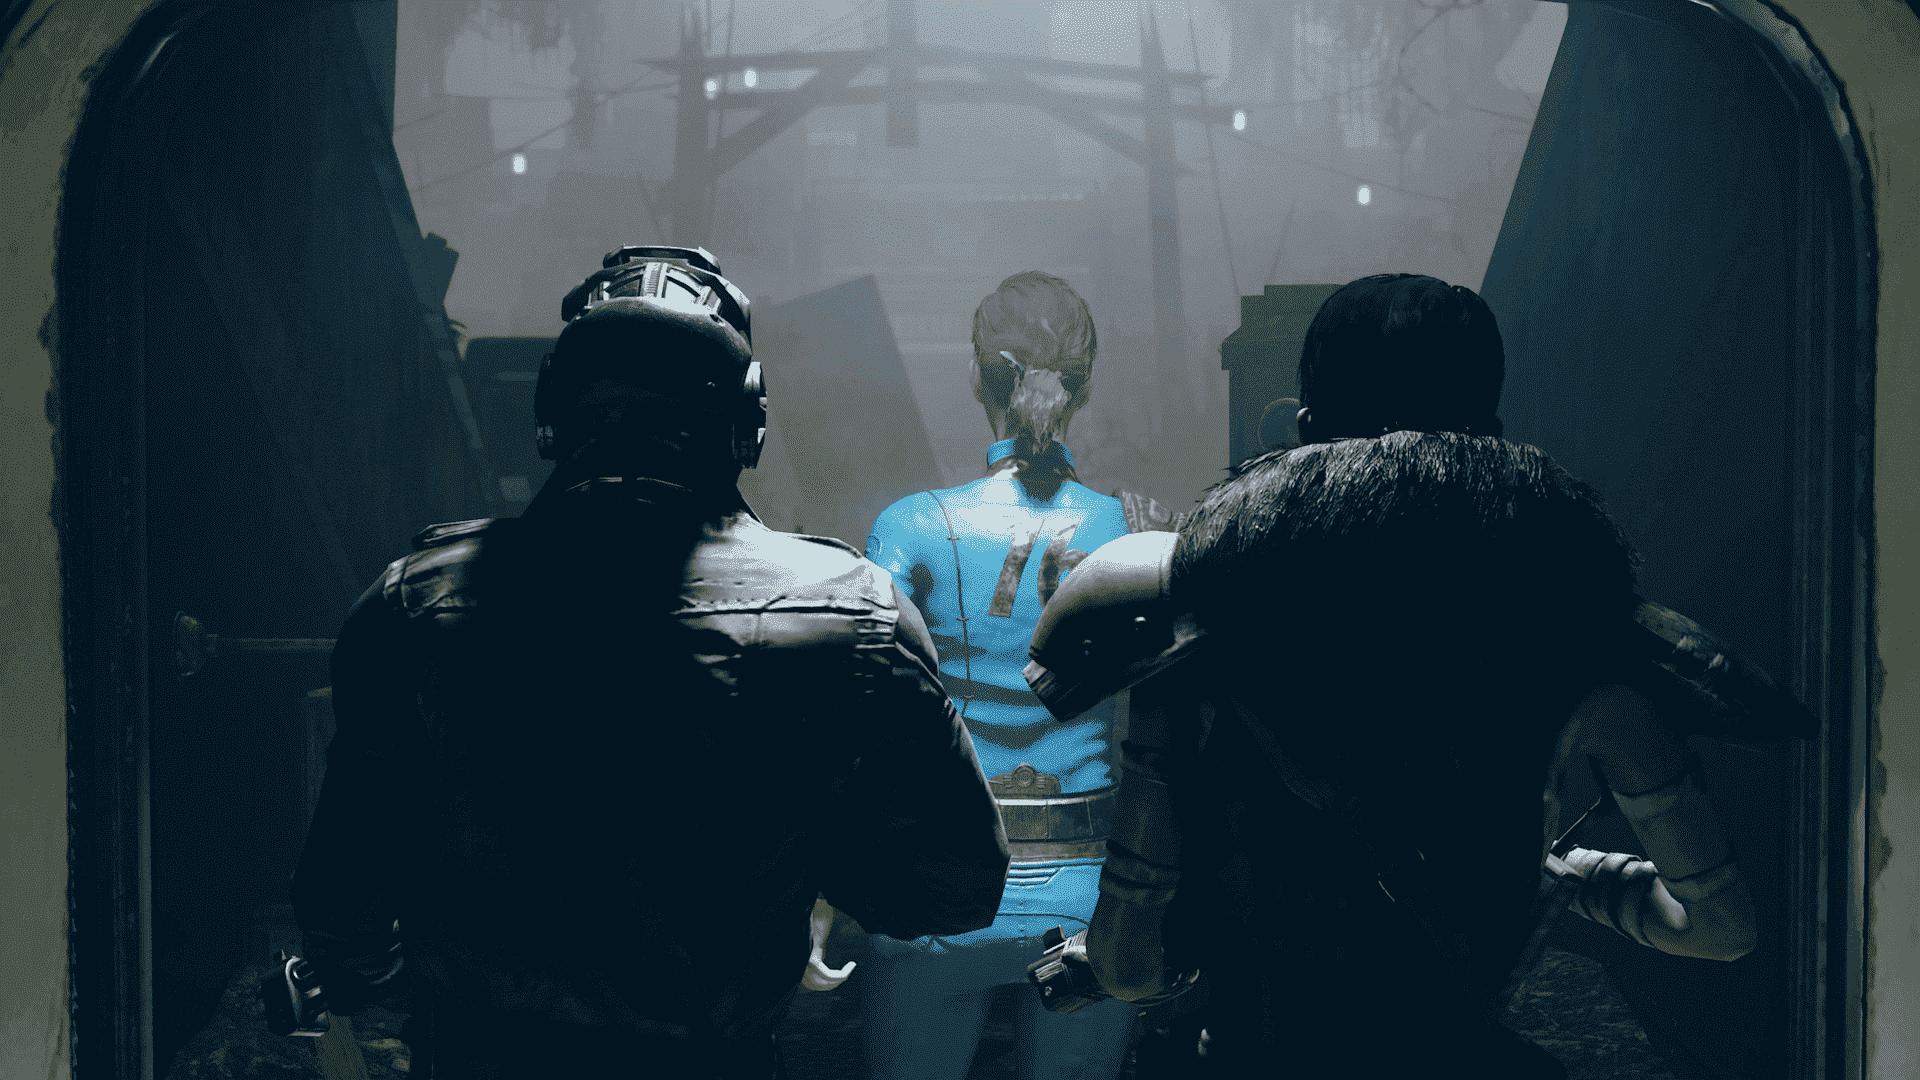 imagen destacada fallout 76